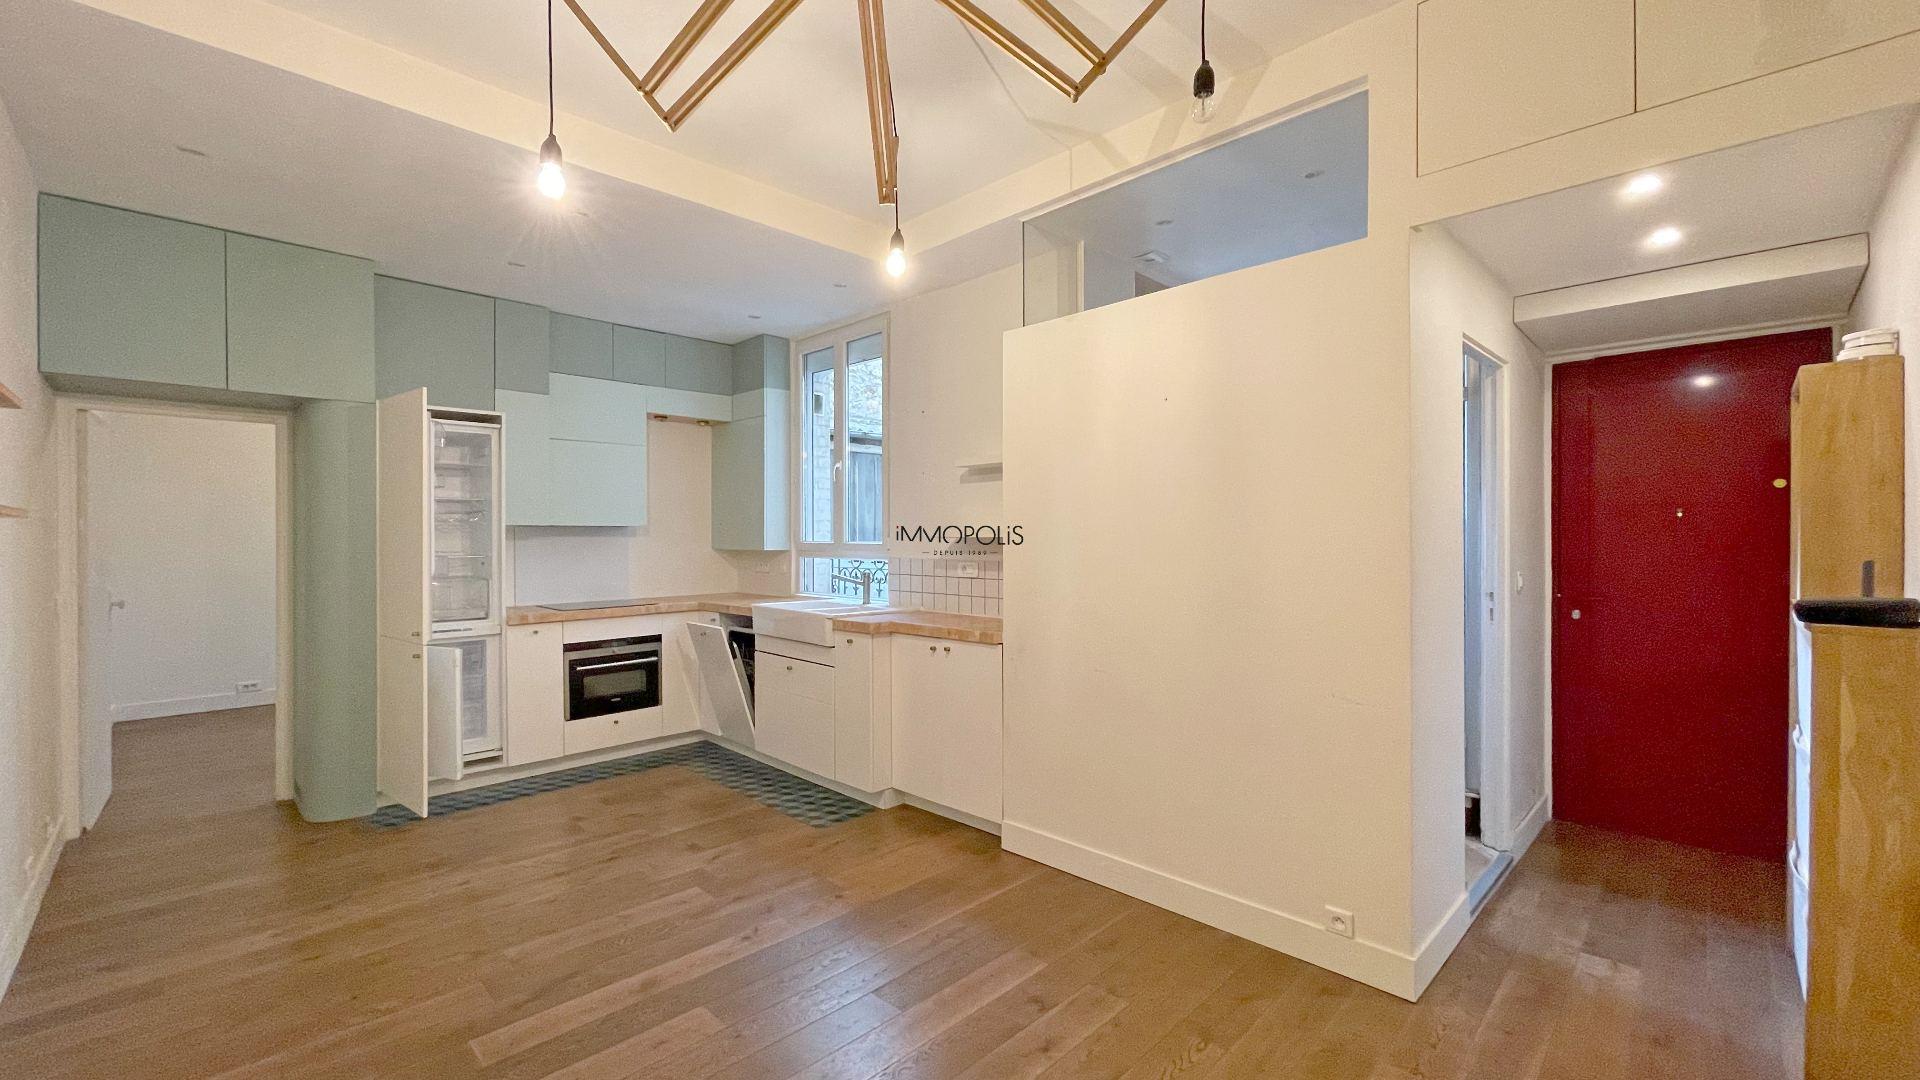 Saint Ouen, district Michelet / Dr. Bauer, in Rue Arboraée Quiet, magnificent souplex «like a house» 5